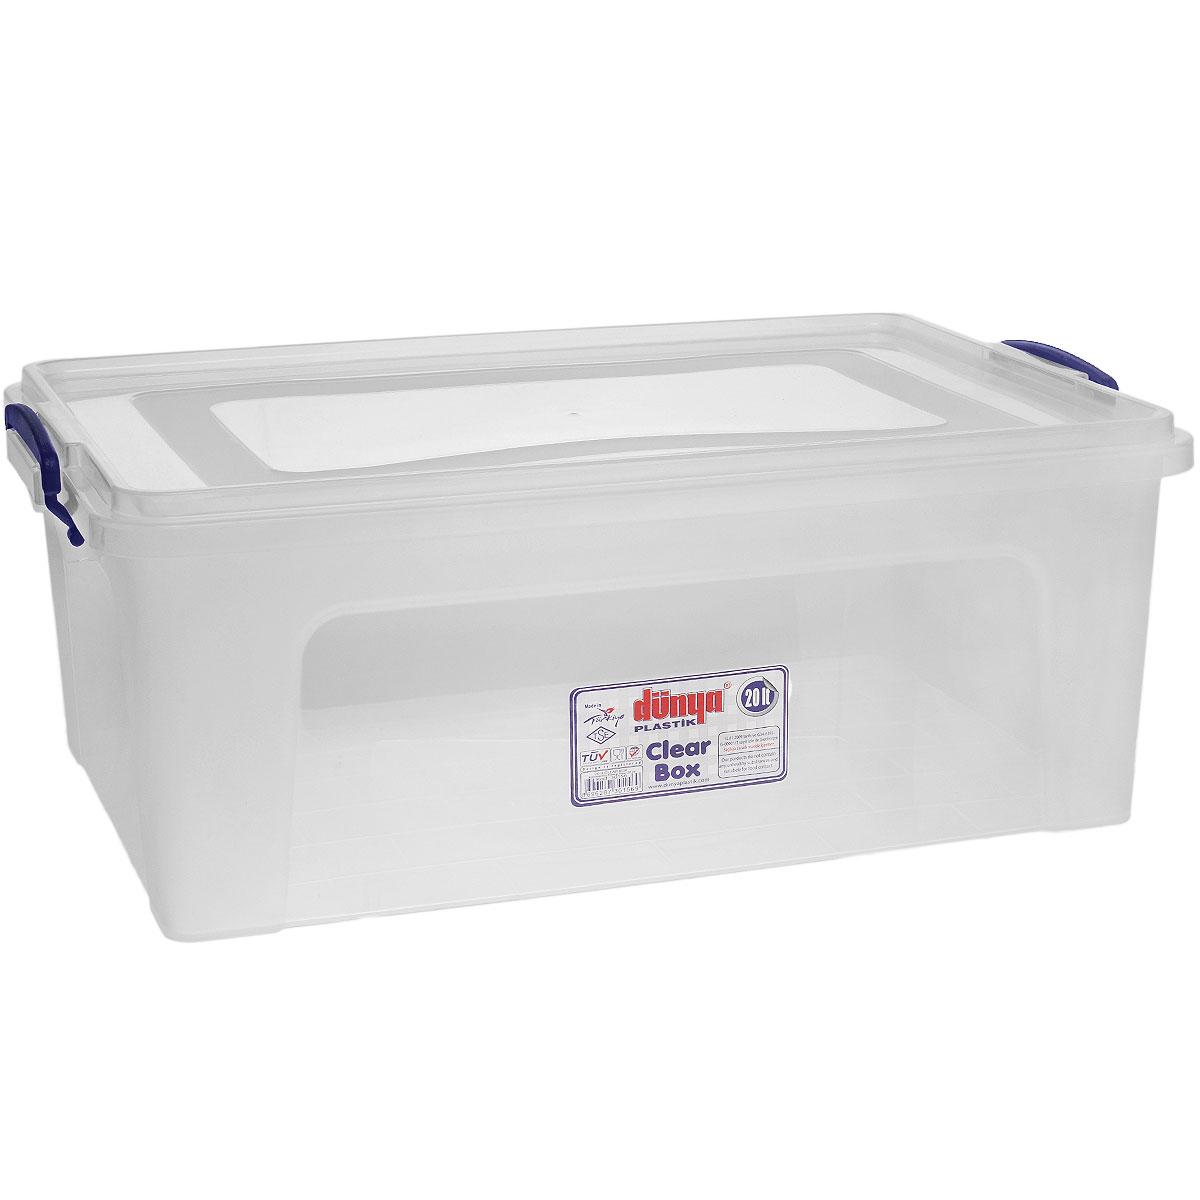 Контейнер Dunya Plastik Clear Box, цвет: прозрачный, 20 л30156Контейнер Dunya Plastik Clear Box выполнен из прочного пластика. Он предназначен для хранения различных мелких вещей. Крышка легко открывается и плотно закрывается. Прозрачные стенки позволяют видеть содержимое. По бокам предусмотрены две удобные ручки темно-синего цвета, с помощью которых контейнер закрывается. Контейнер поможет хранить все в одном месте, а также защитить вещи от пыли, грязи и влаги.